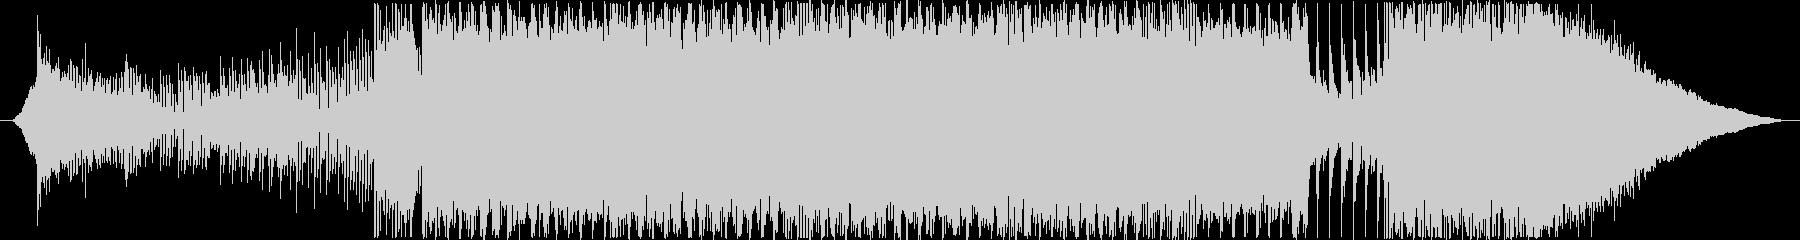 デジタルなエピックロック曲の未再生の波形